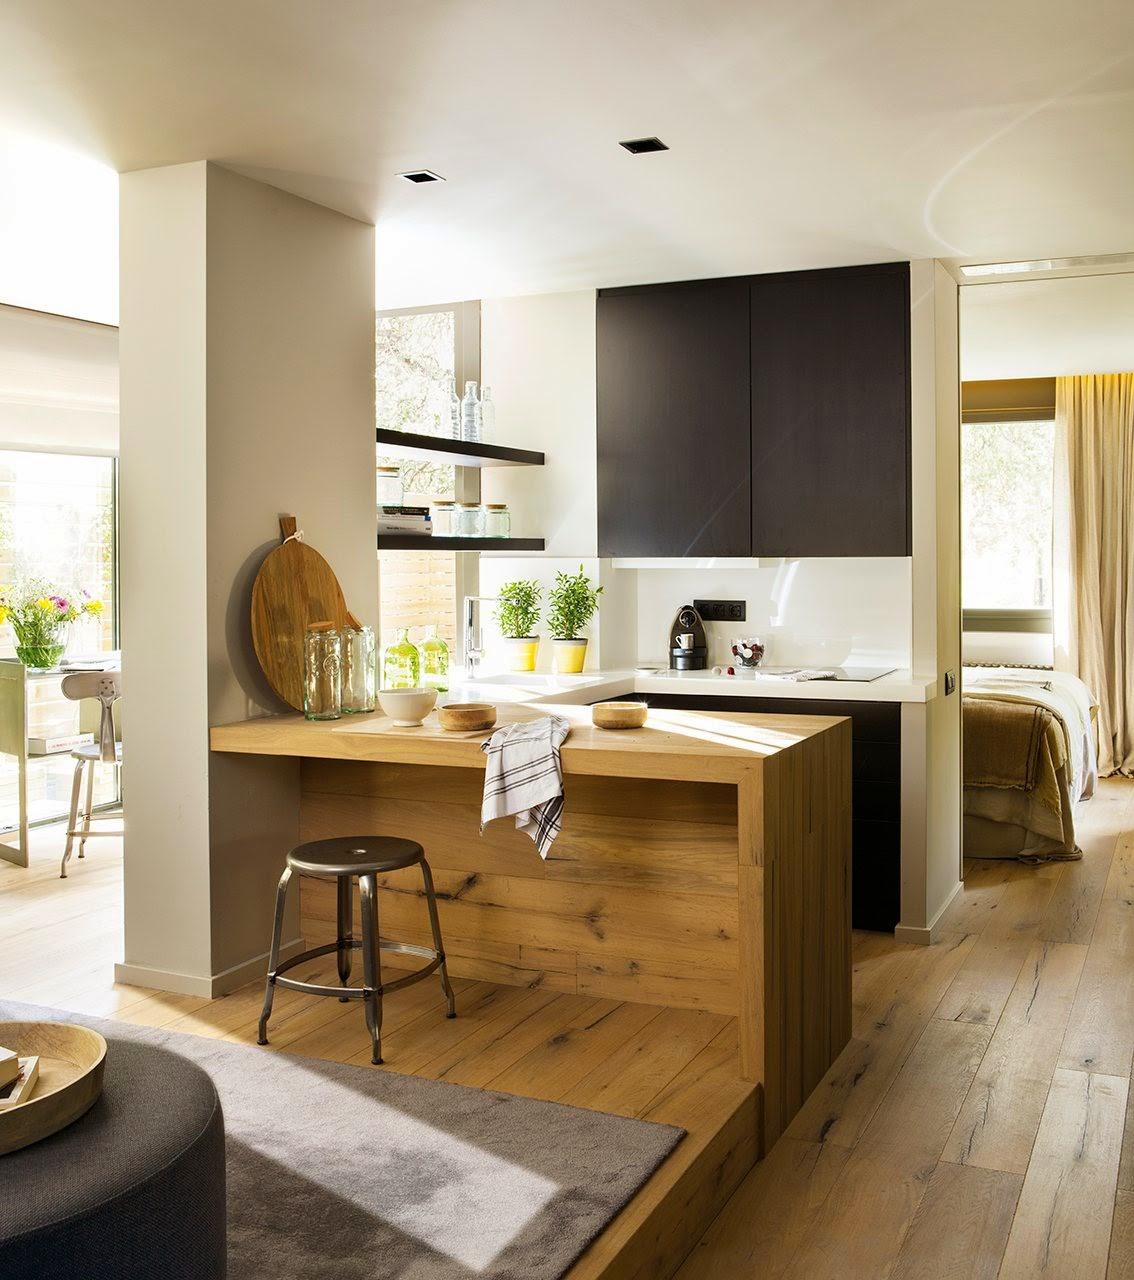 Soluciones para optimizar espacios reducidos decorar for Soluciones para espacios pequenos